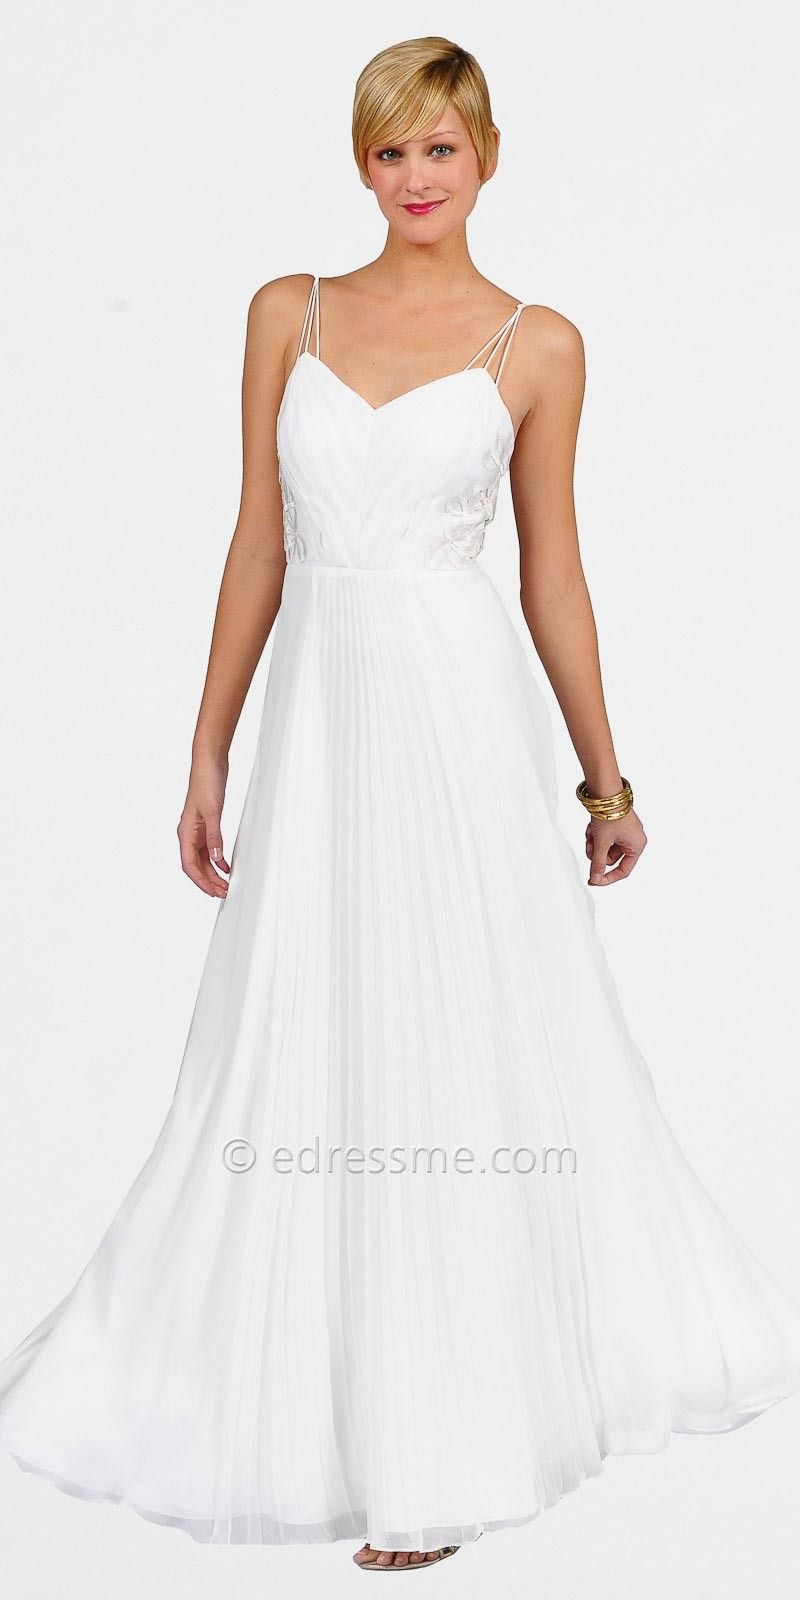 Long White Evening Dress Photo Album - Reikian